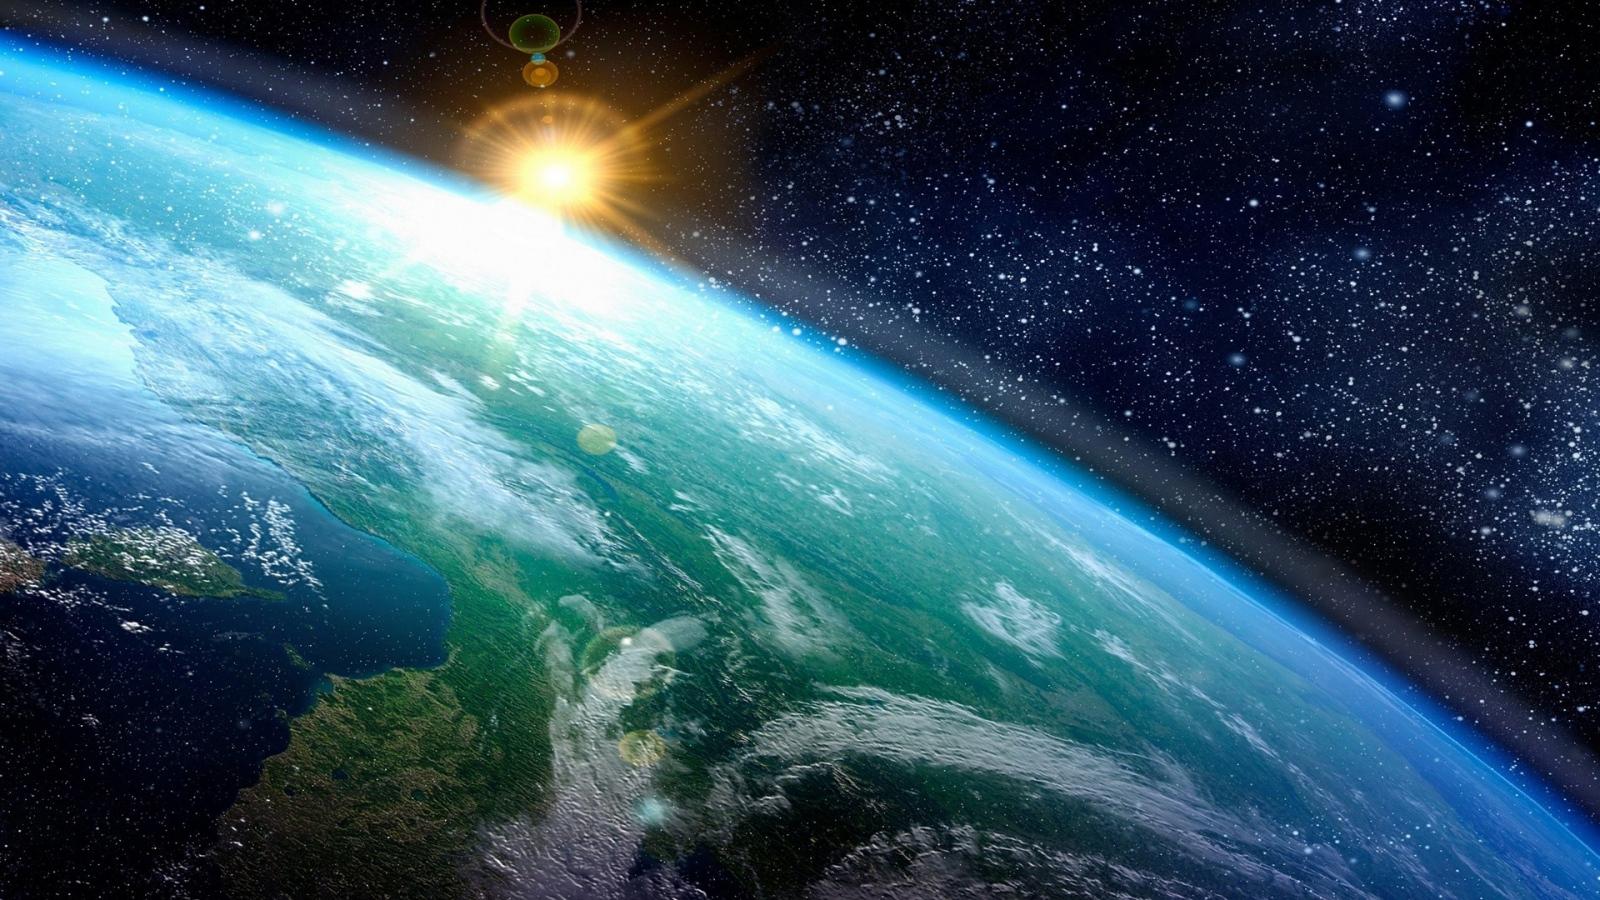 Earth Space Wallpaper 39056284 Fanpop